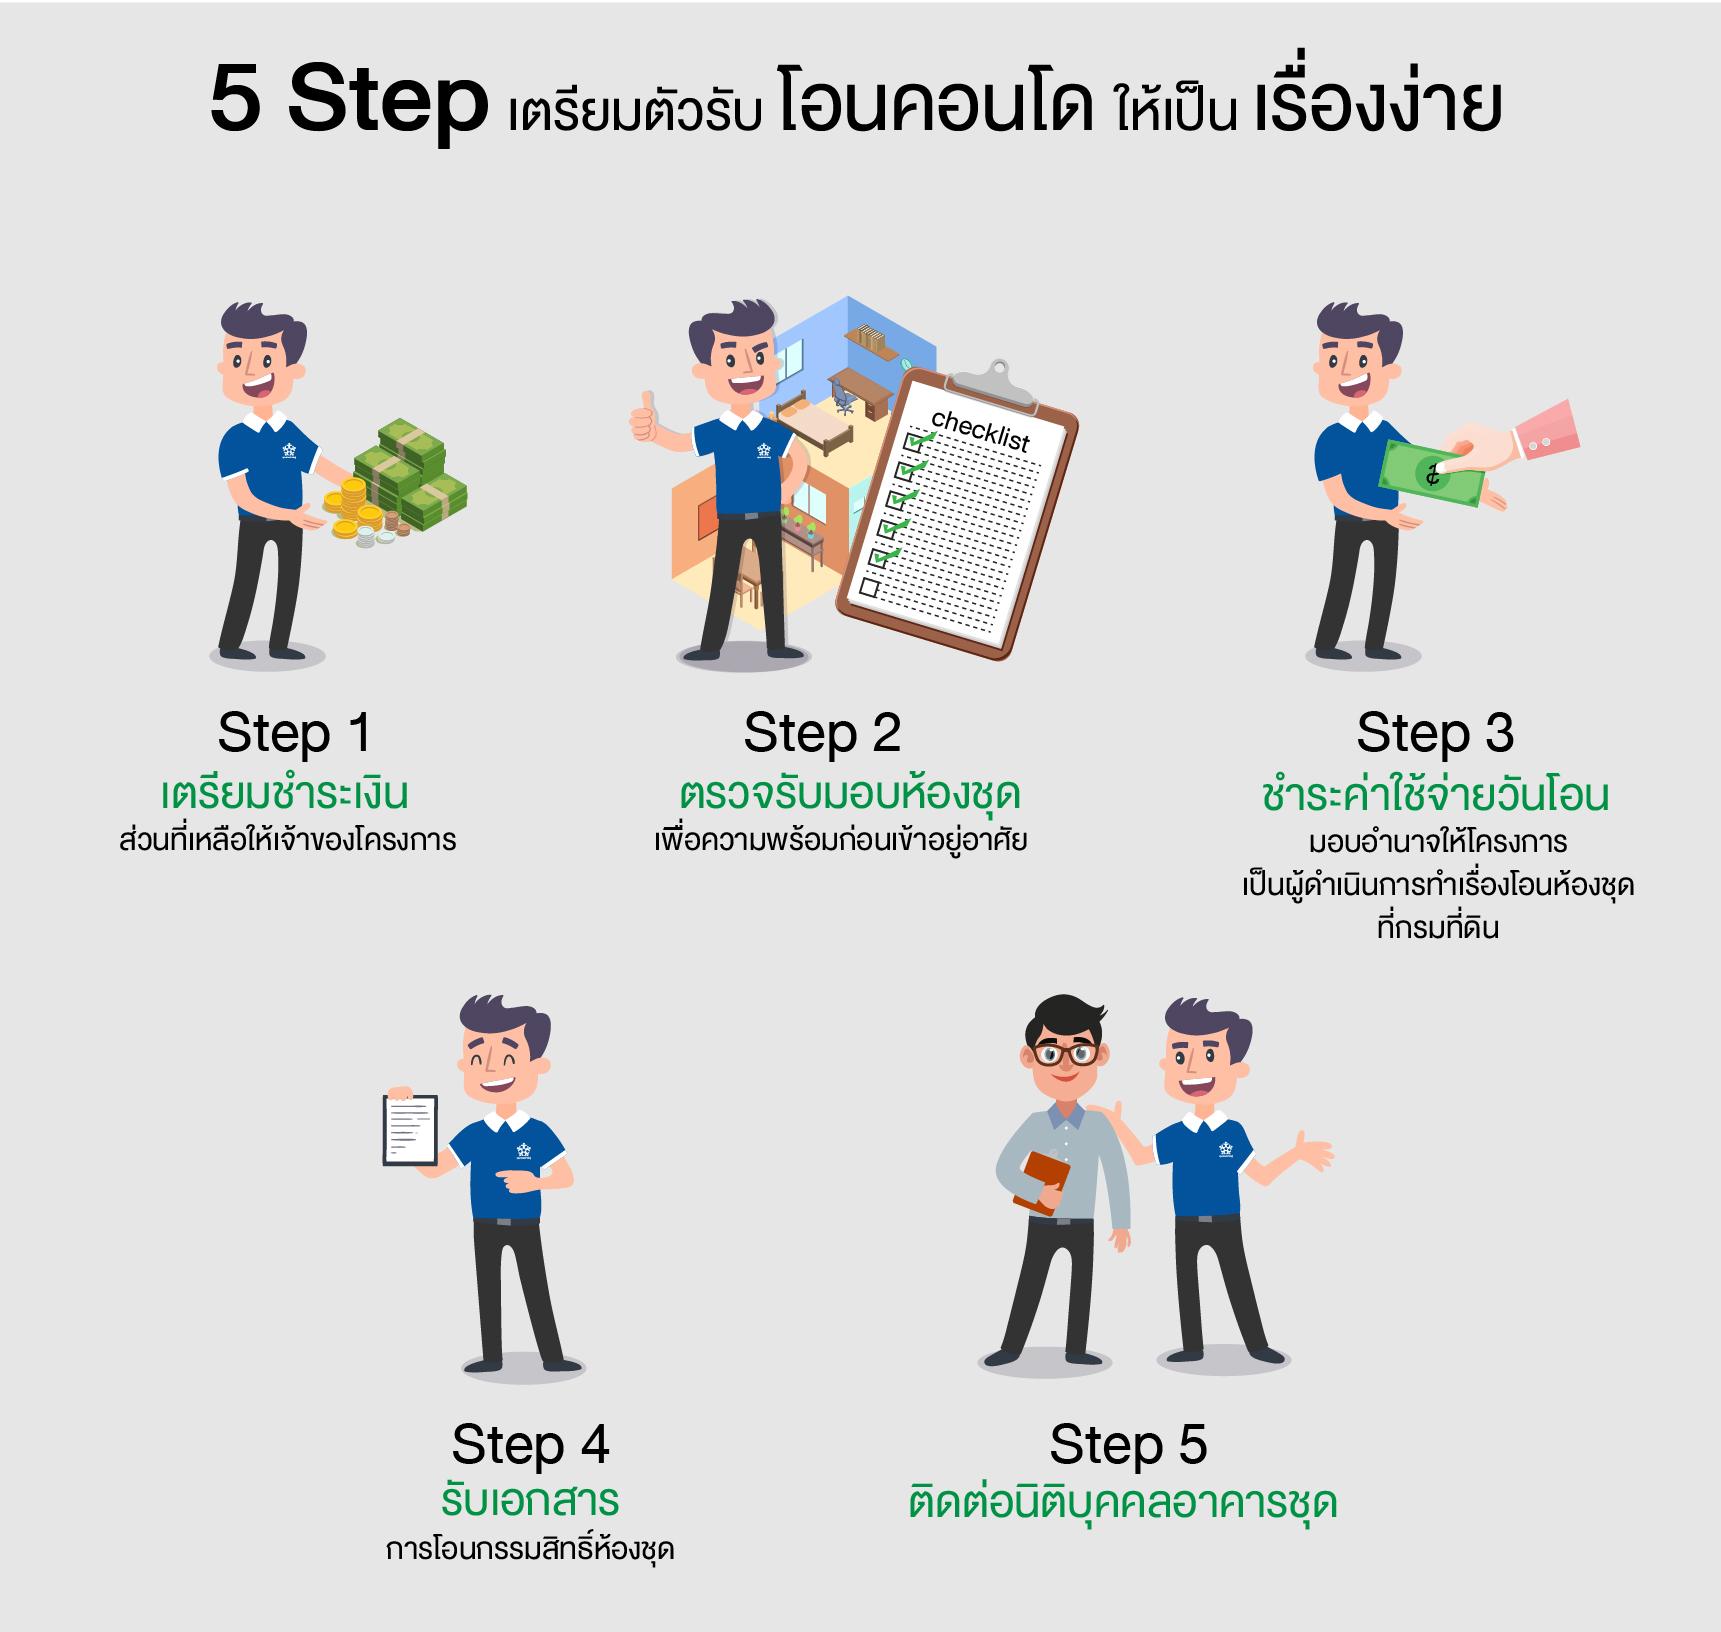 5 Step.. เตรียมตัวรับโอนคอนโดให้เป็นเรื่องง่าย